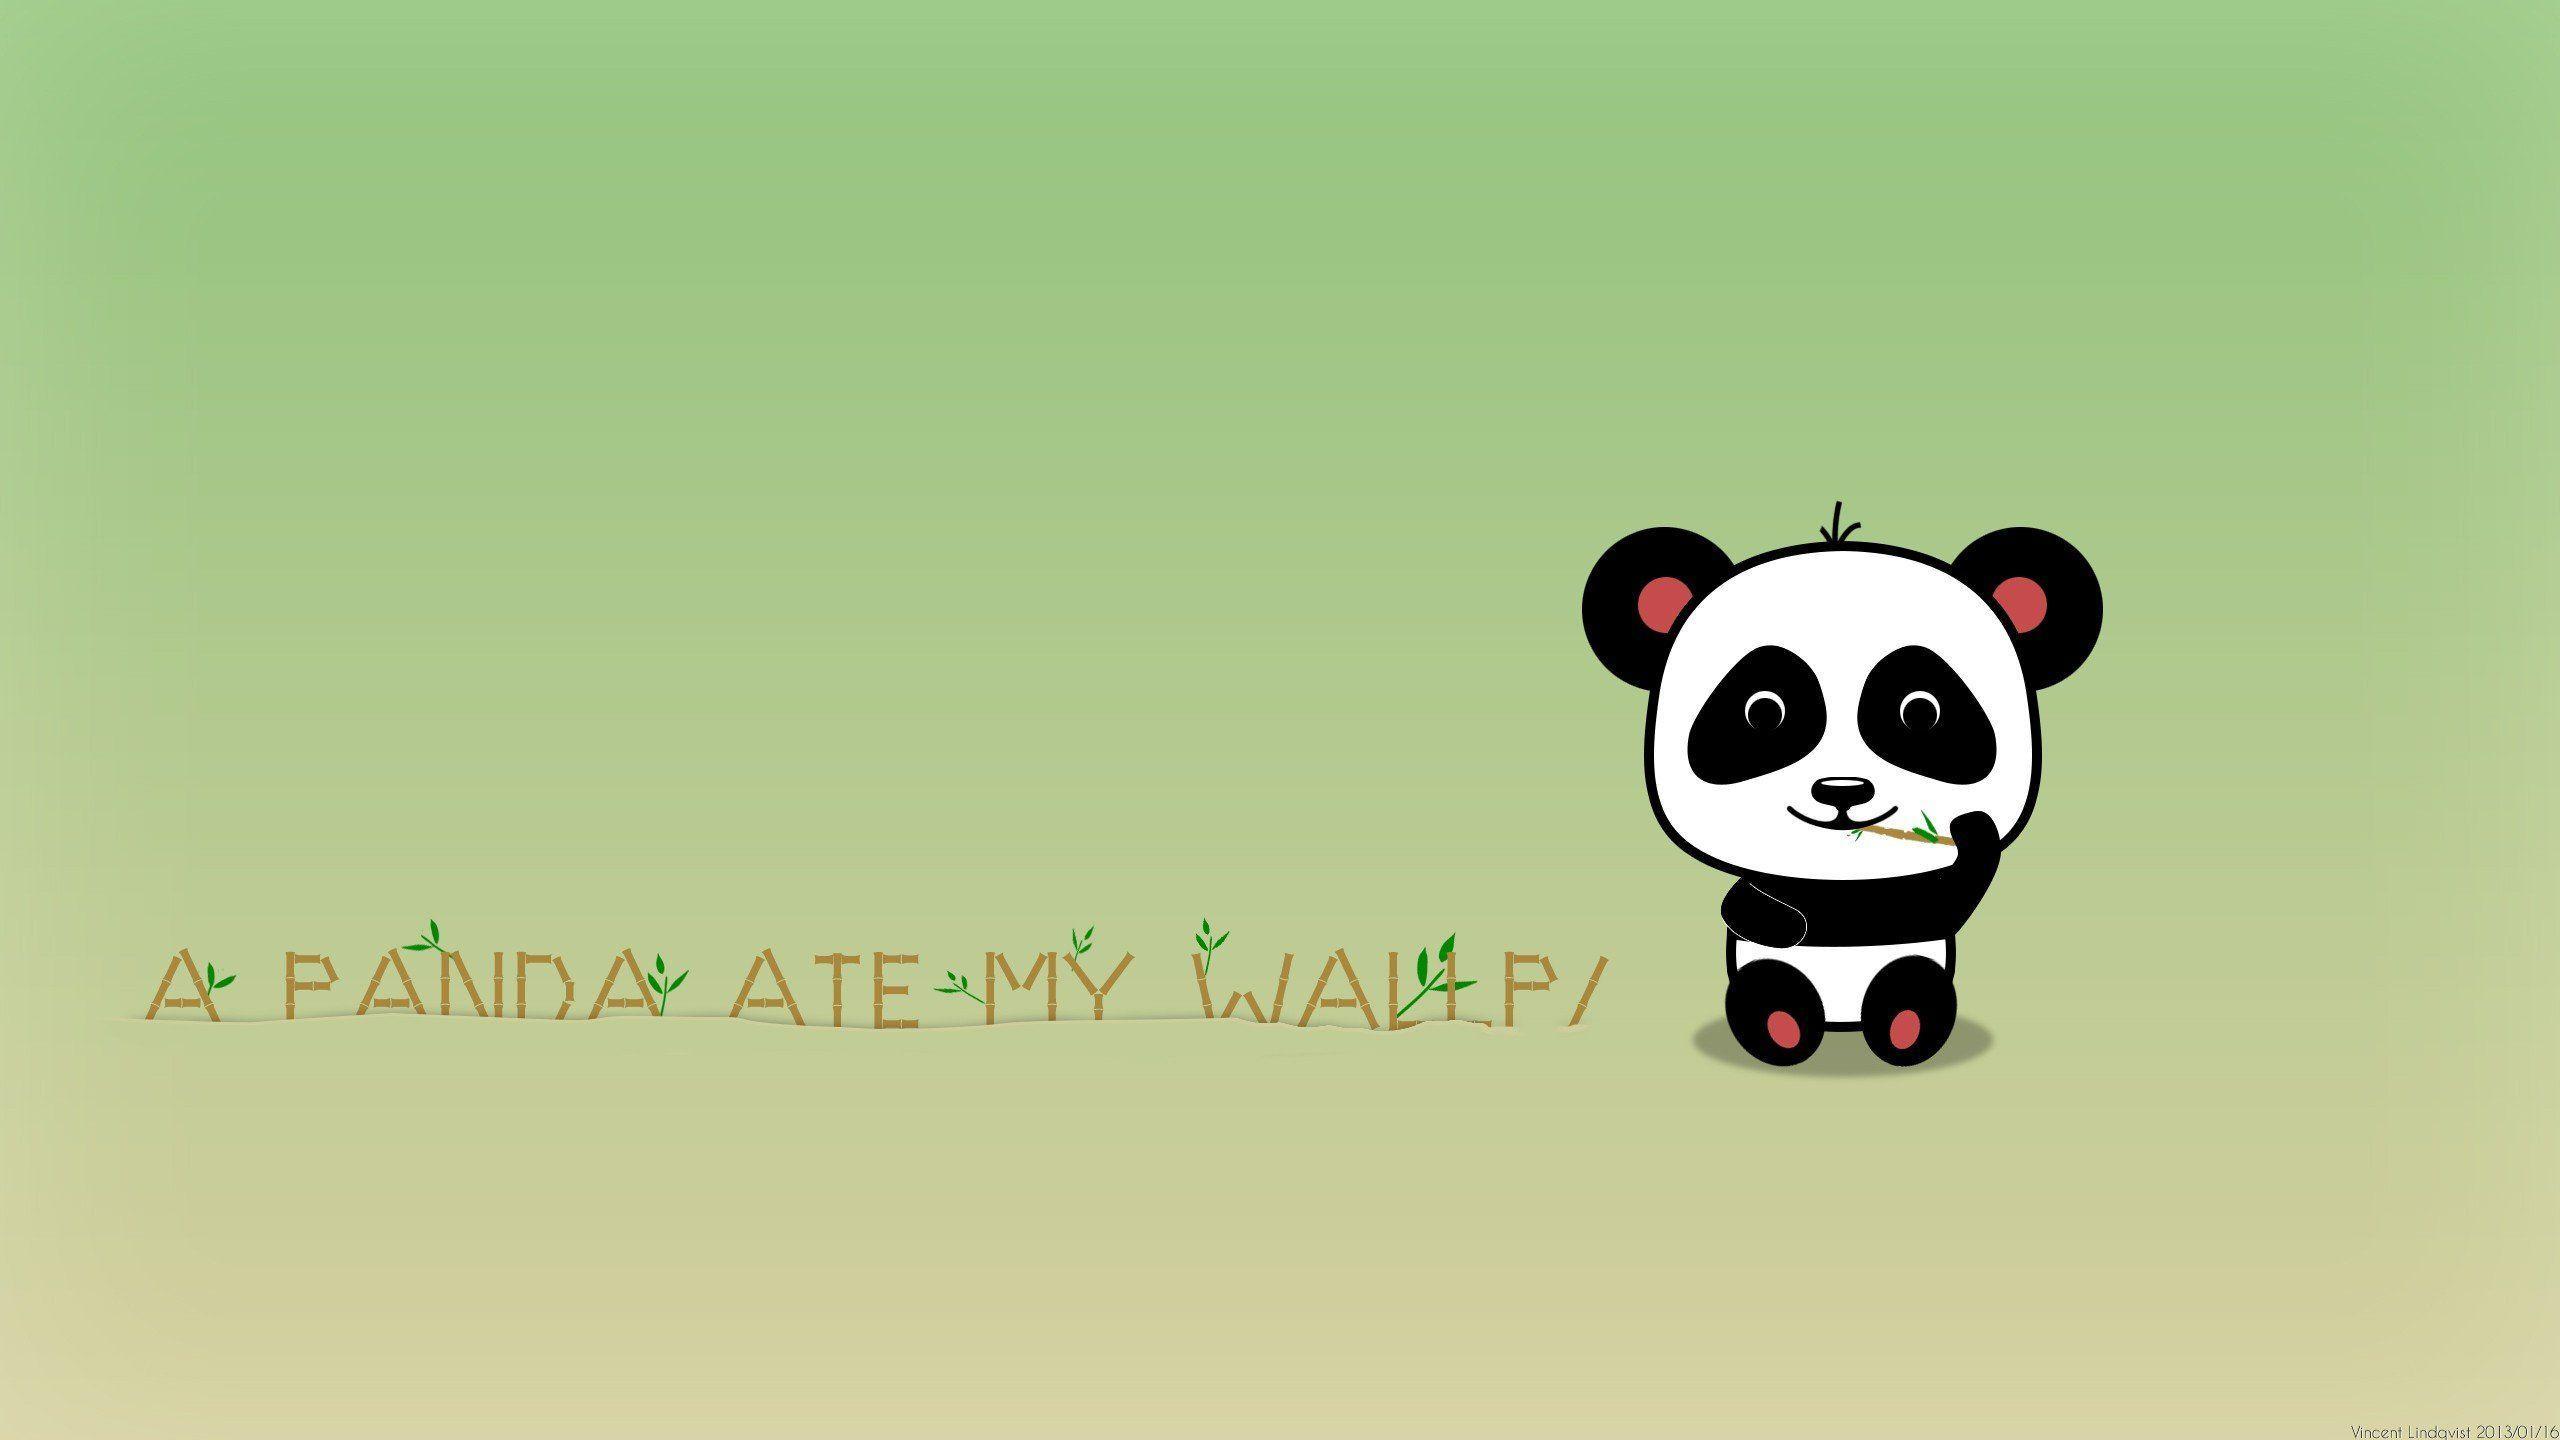 Panda bear pics cartoon wallpaper